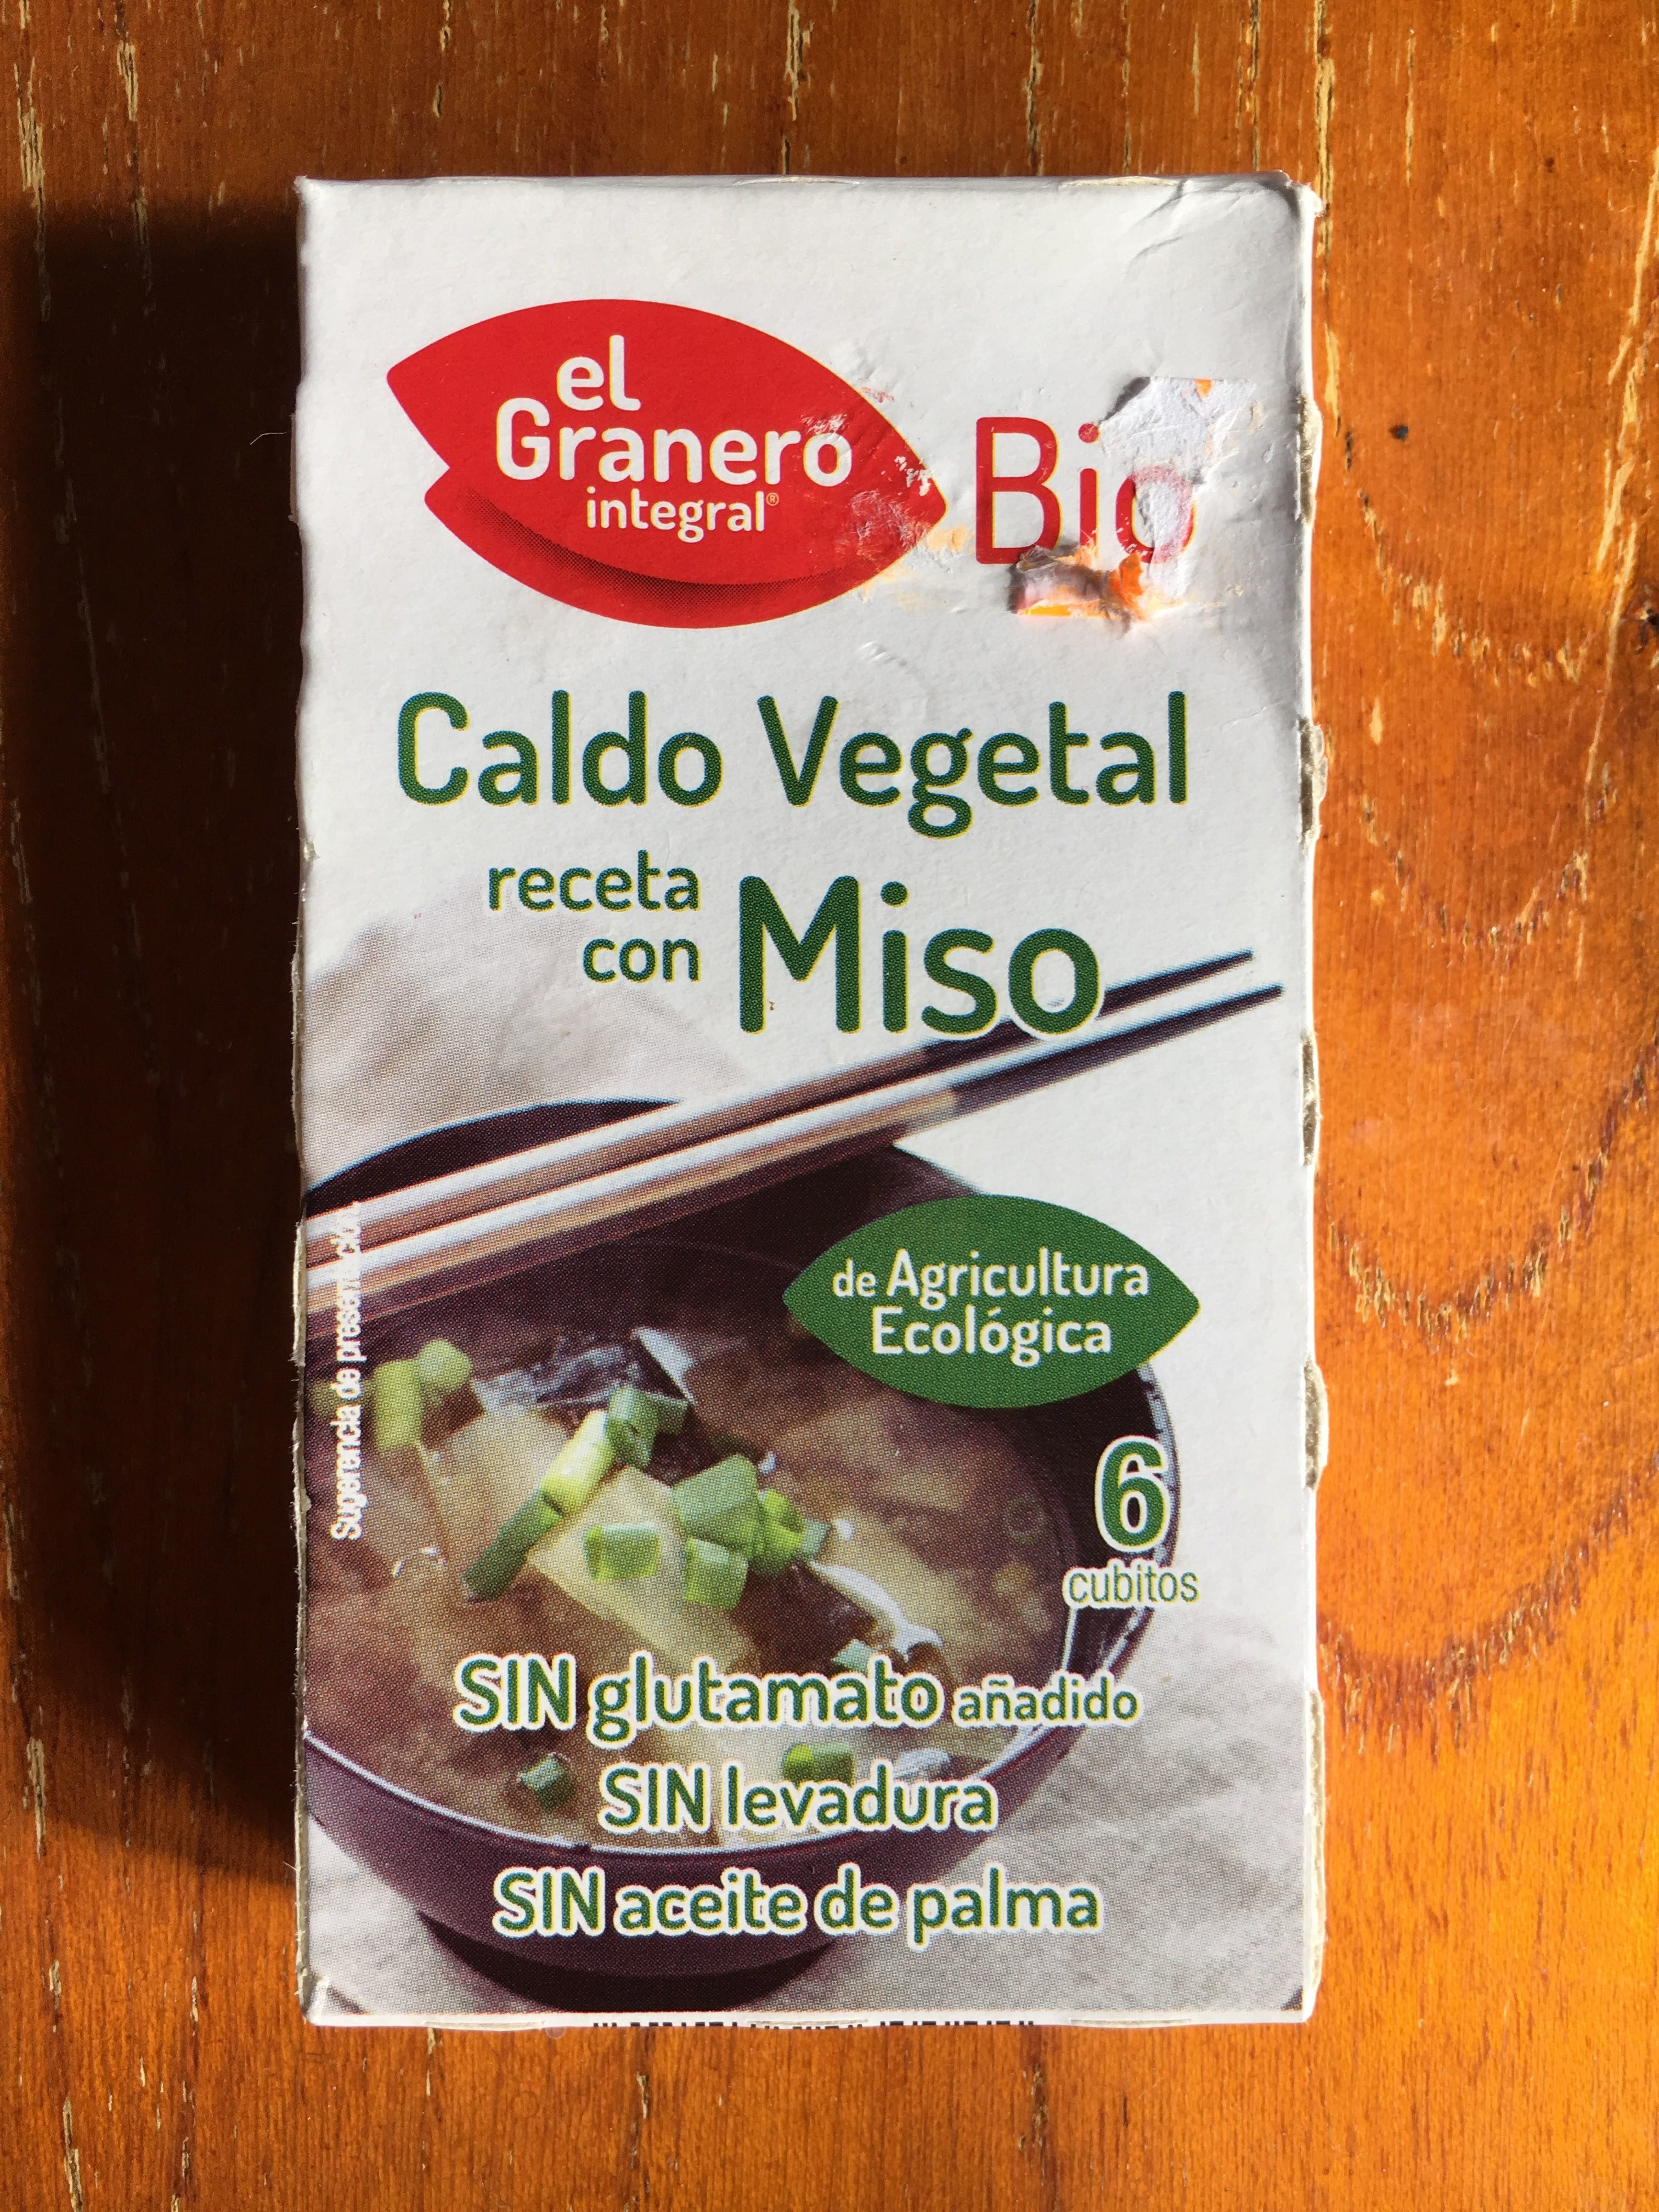 Caldo Vegetal Receta Con Miso El Granero Integral 6 Cubes